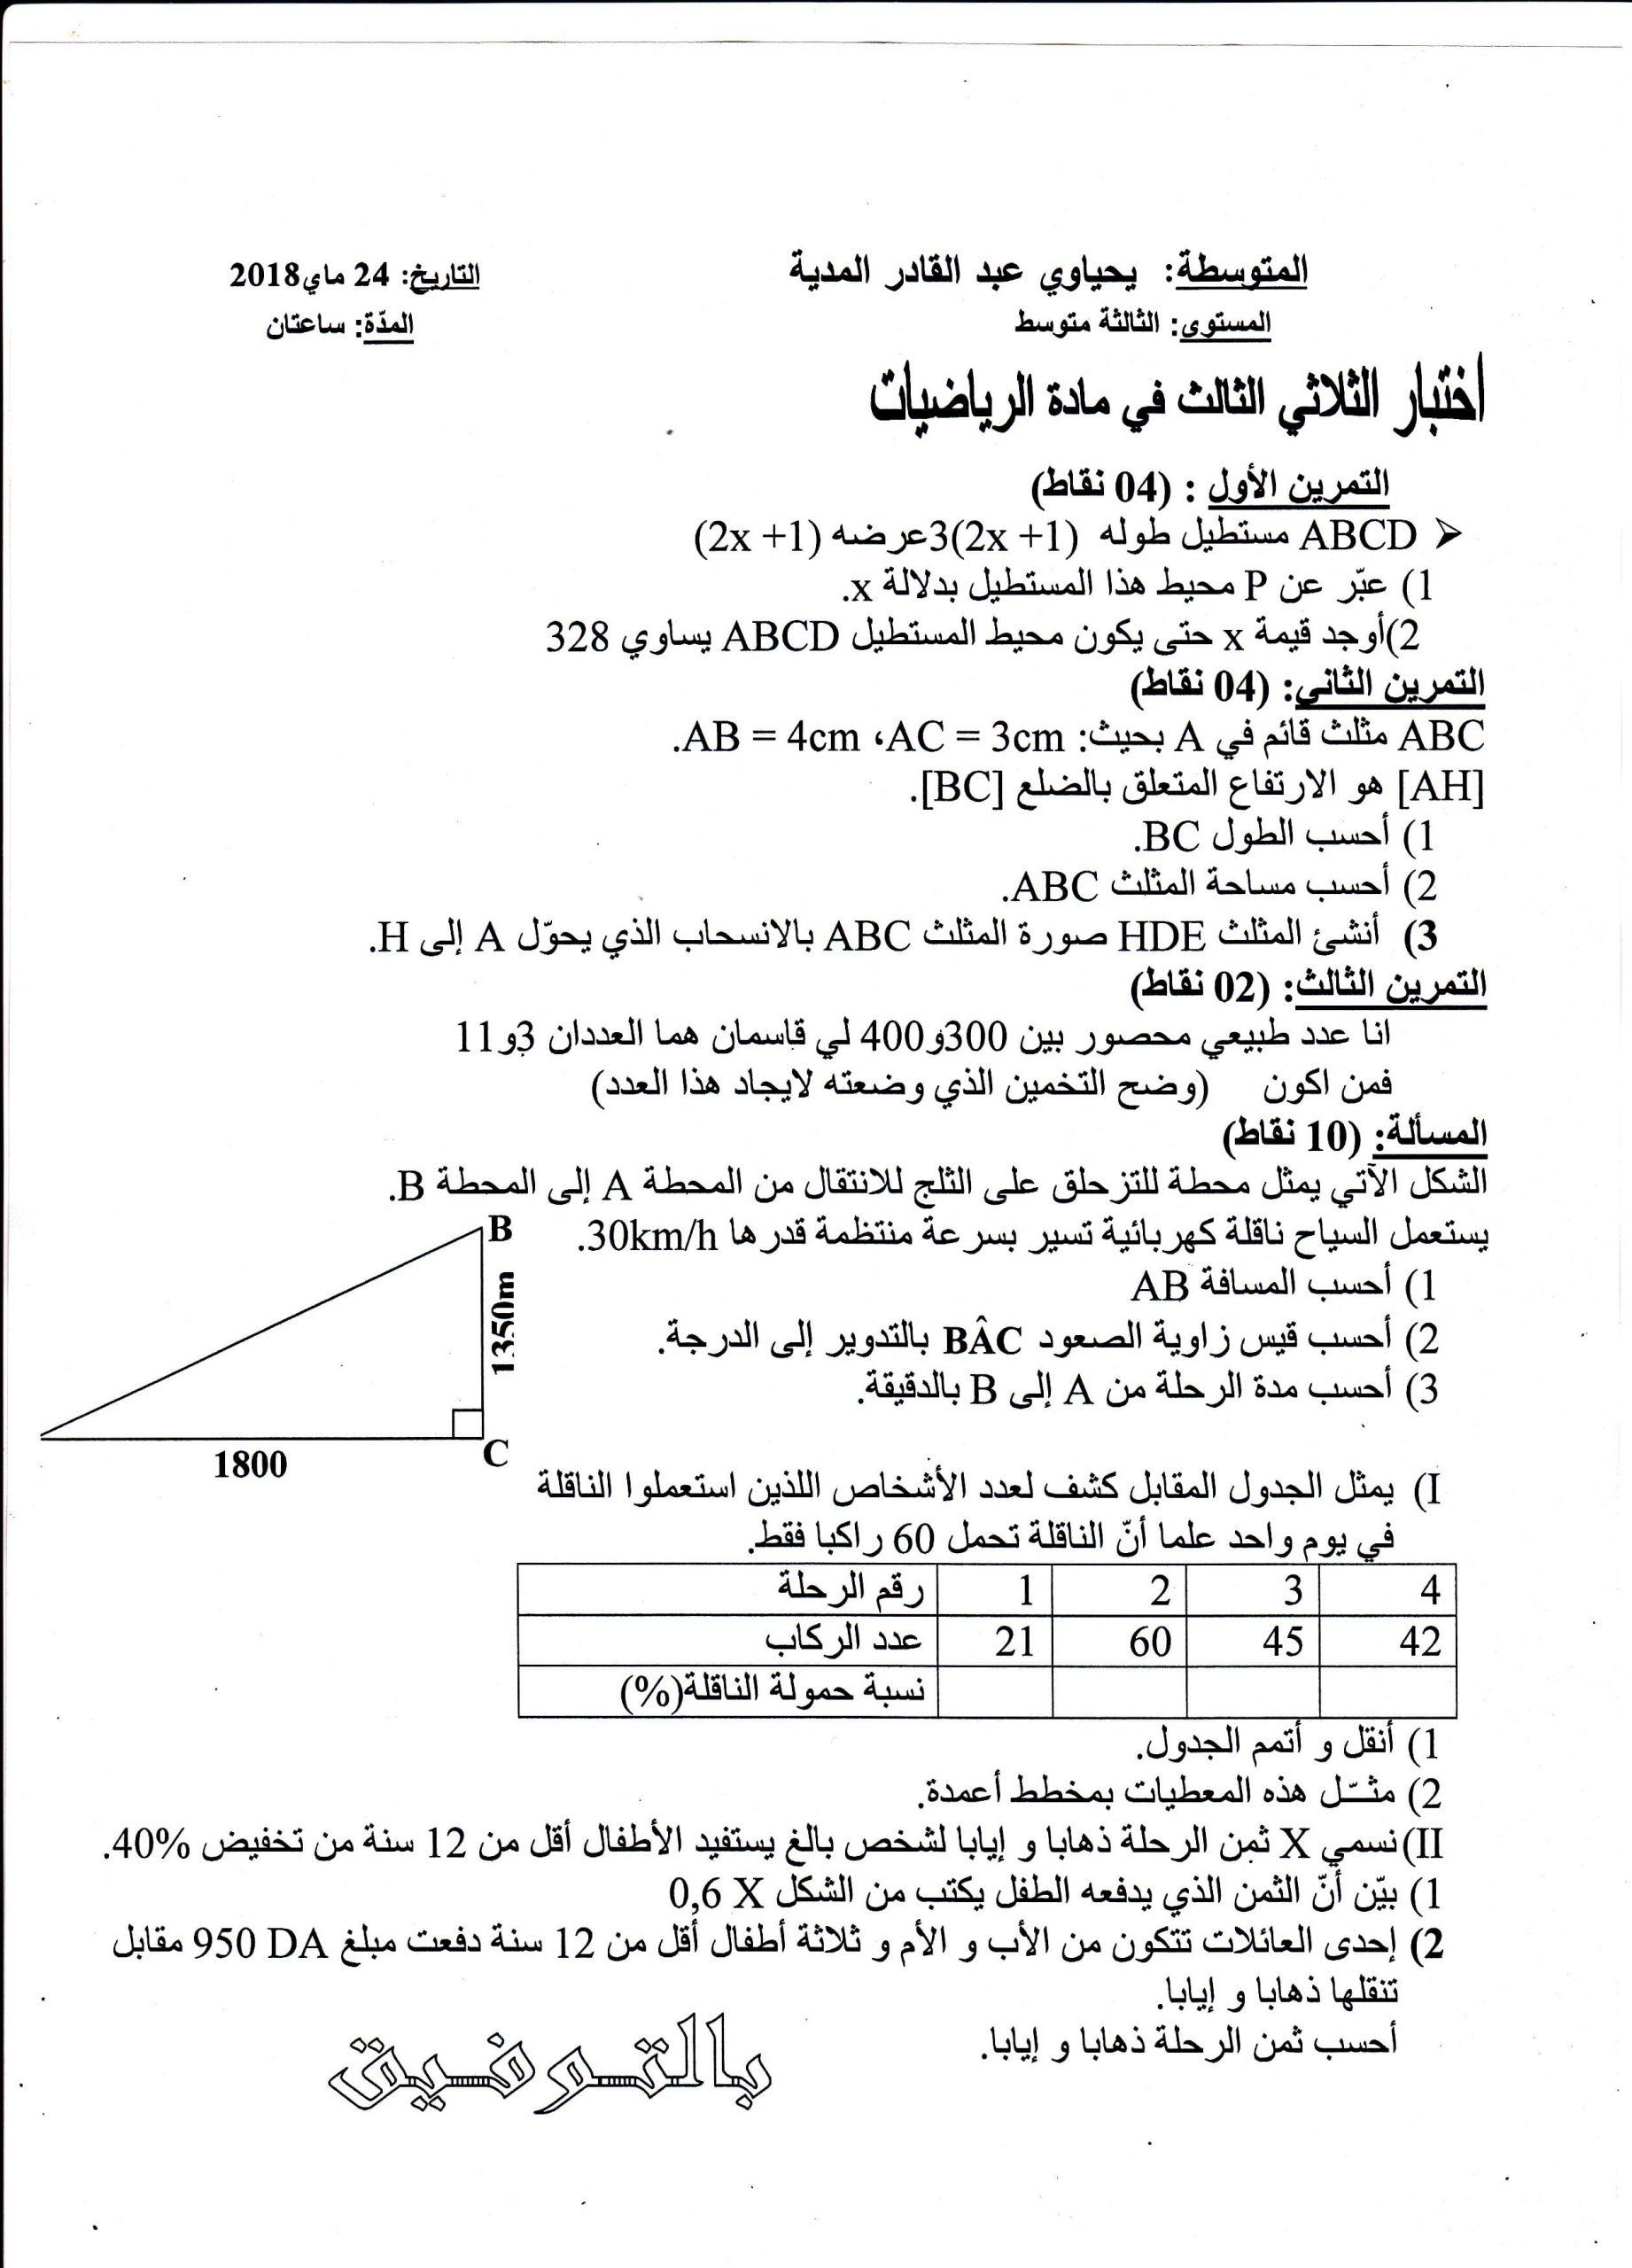 اختبار الفصل الثالث في مادة الرياضيات السنة الثالثة متوسط | الموضوع 05